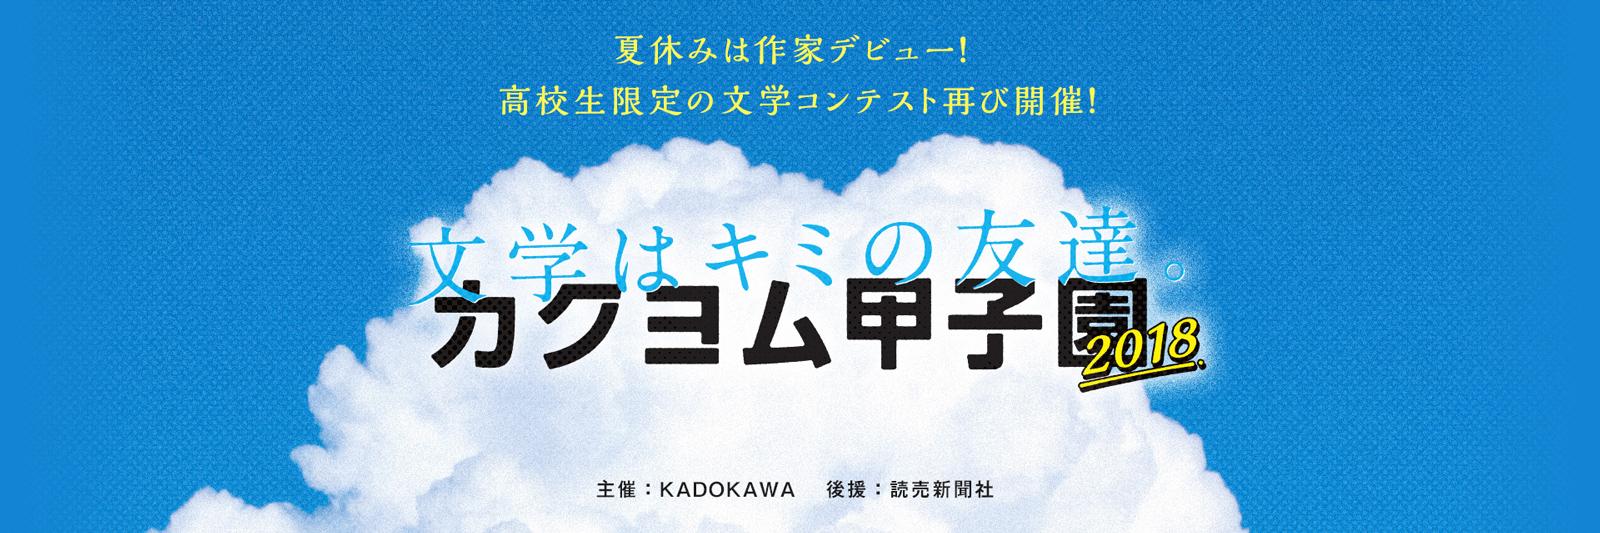 f:id:kadokawa-toko:20180516124645j:plain